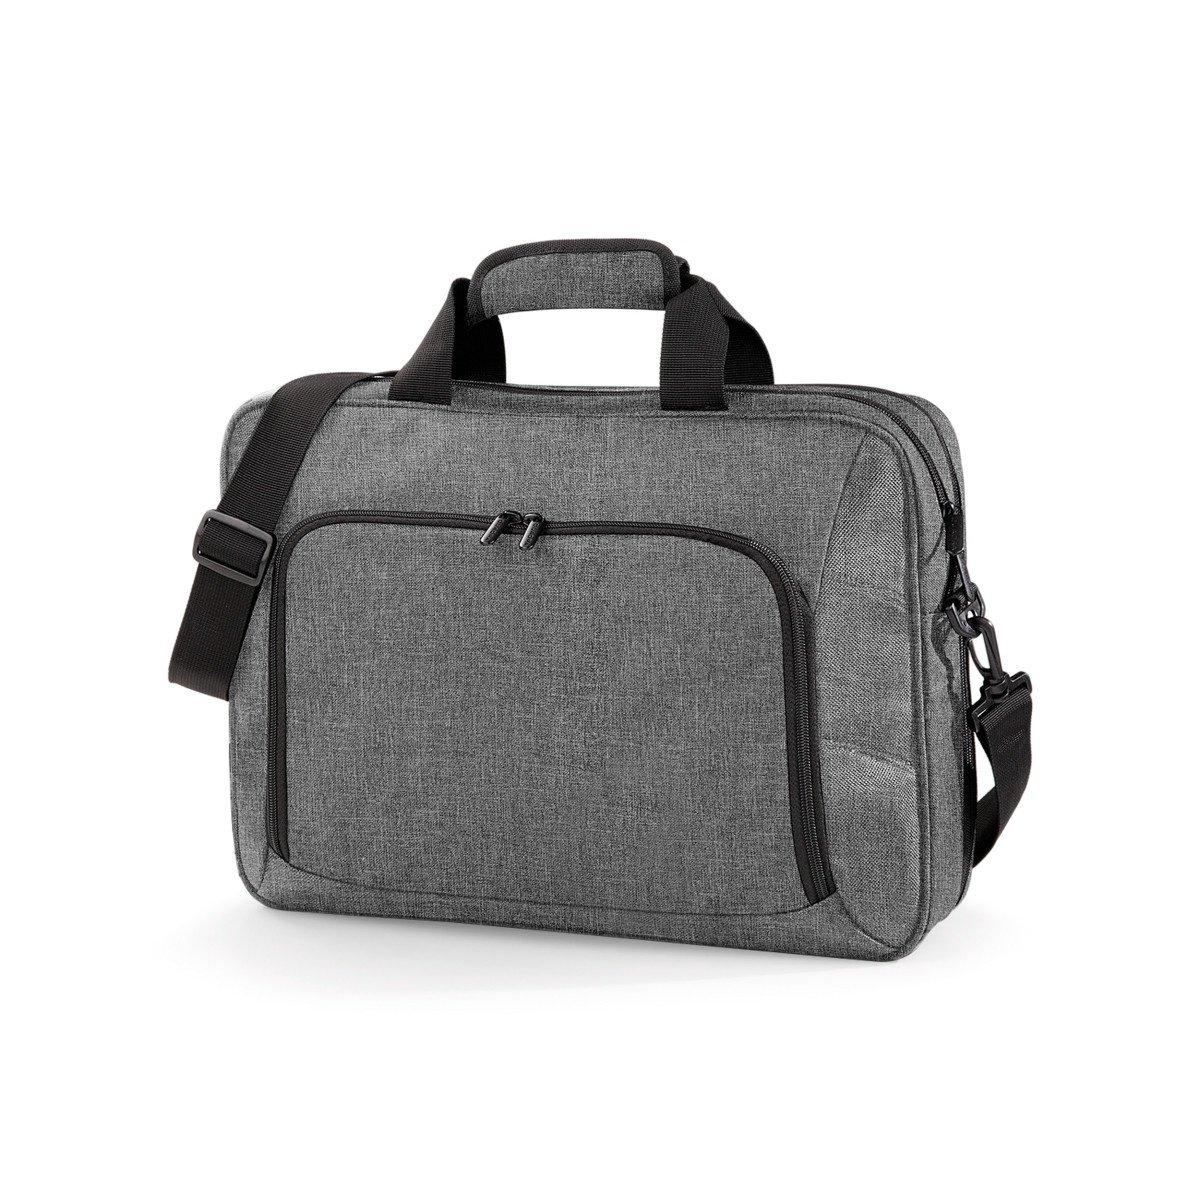 (クオドラ) Quadra エグゼキュティヴ オフィスビジネスバッグ (17インチノートパソコン対応) One Size グレーマール B07C12VJ32